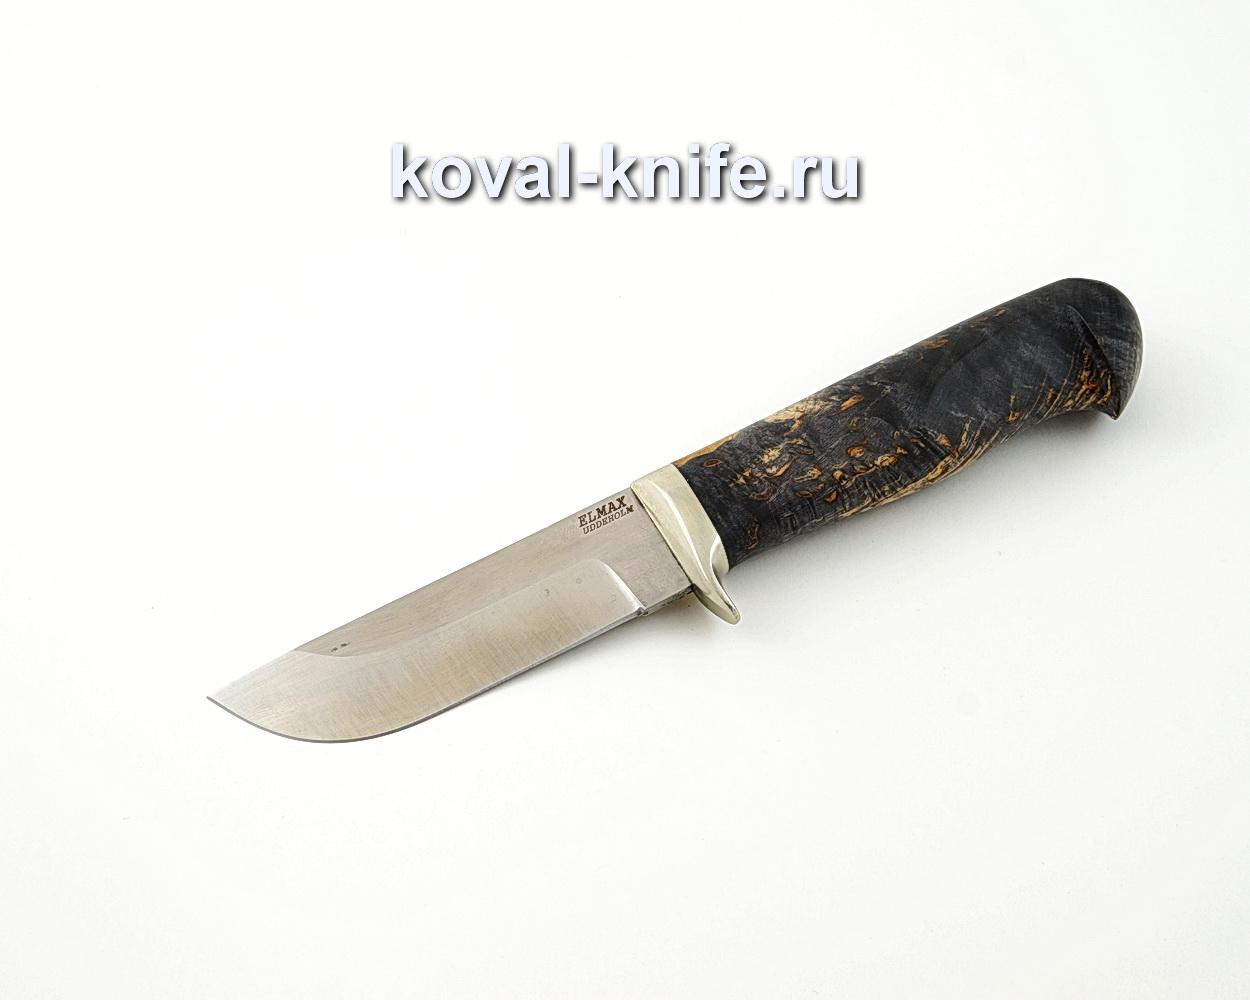 Нож Пегас из порошковой стали Elmax с рукоятью из стабилизированной карельской березы, гарда мельхиор A559